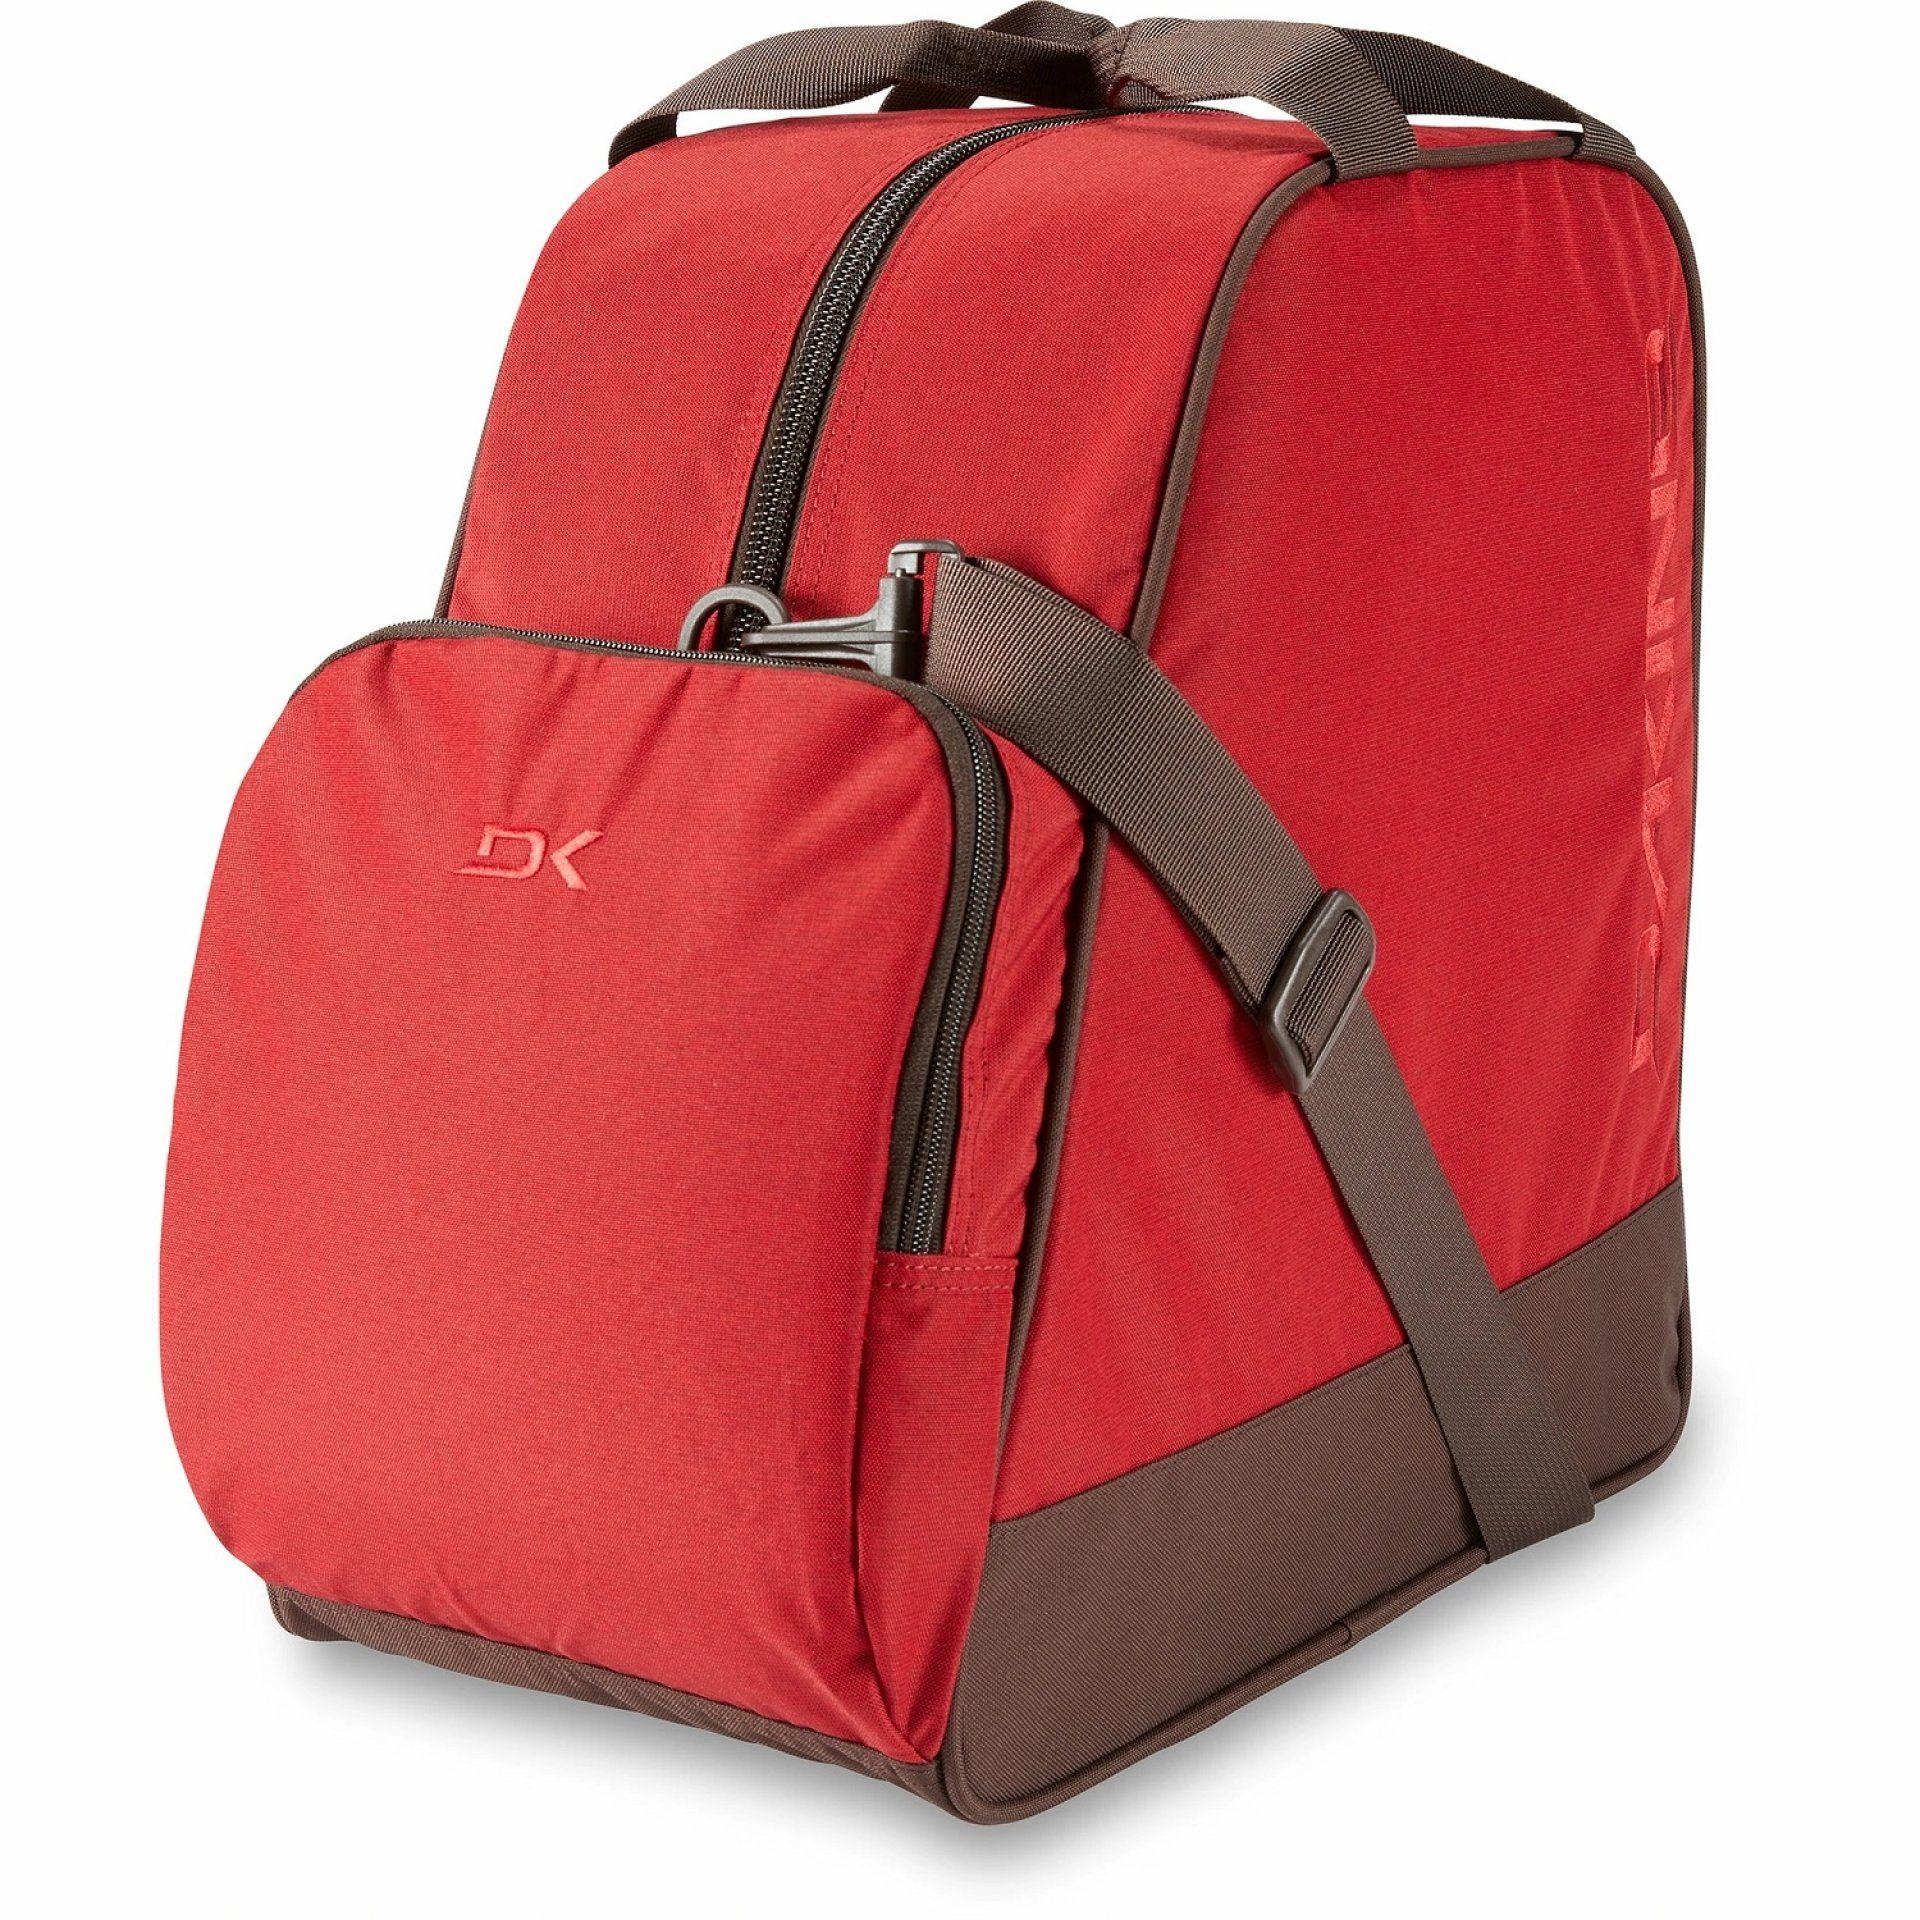 TORBA NA BUTY DAKINE BOOT BAG 30L DEEP RED